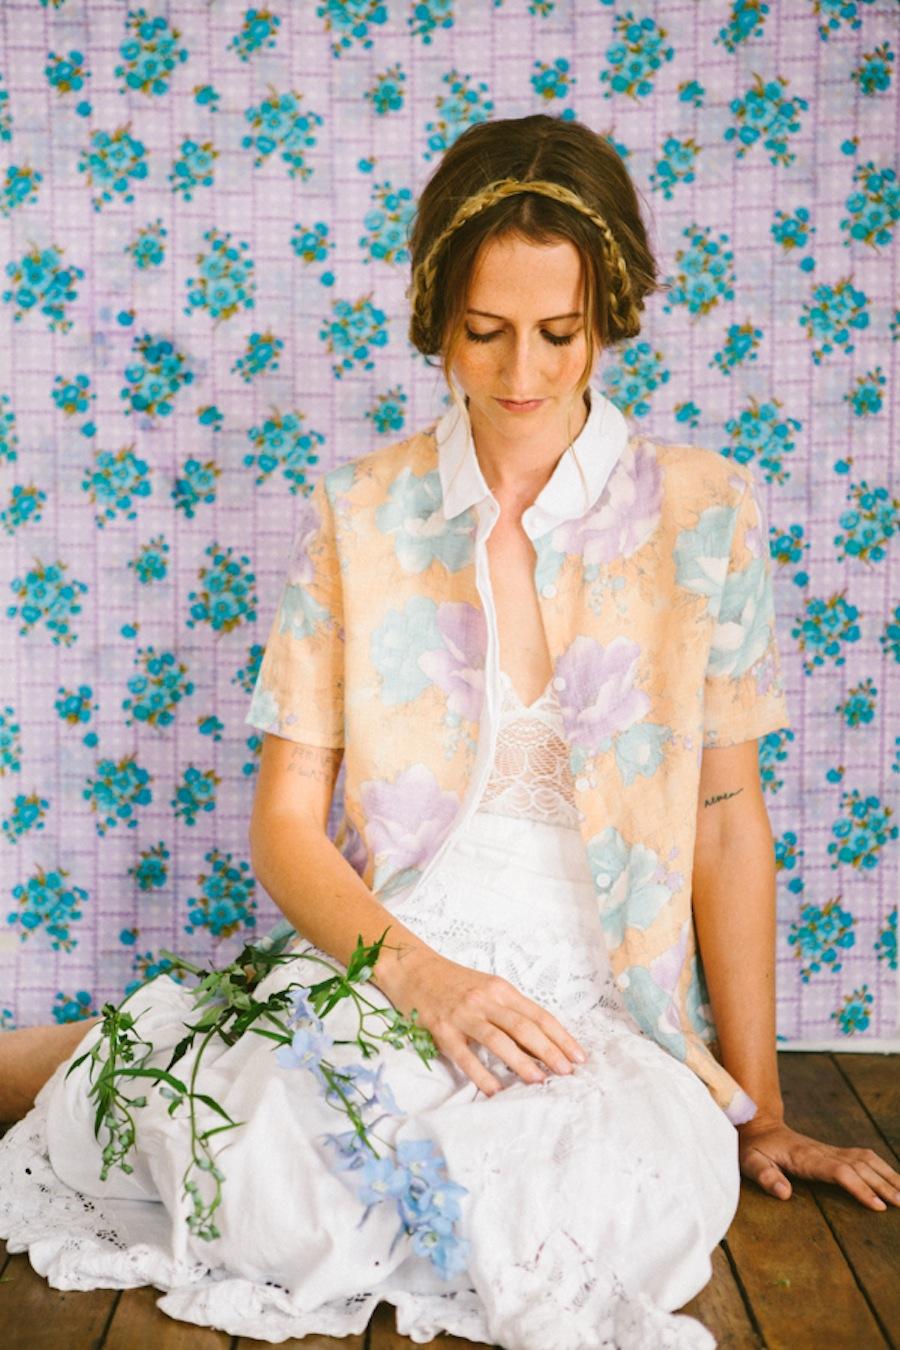 FloralShoot_FrankieMag_IMG_0040.jpg